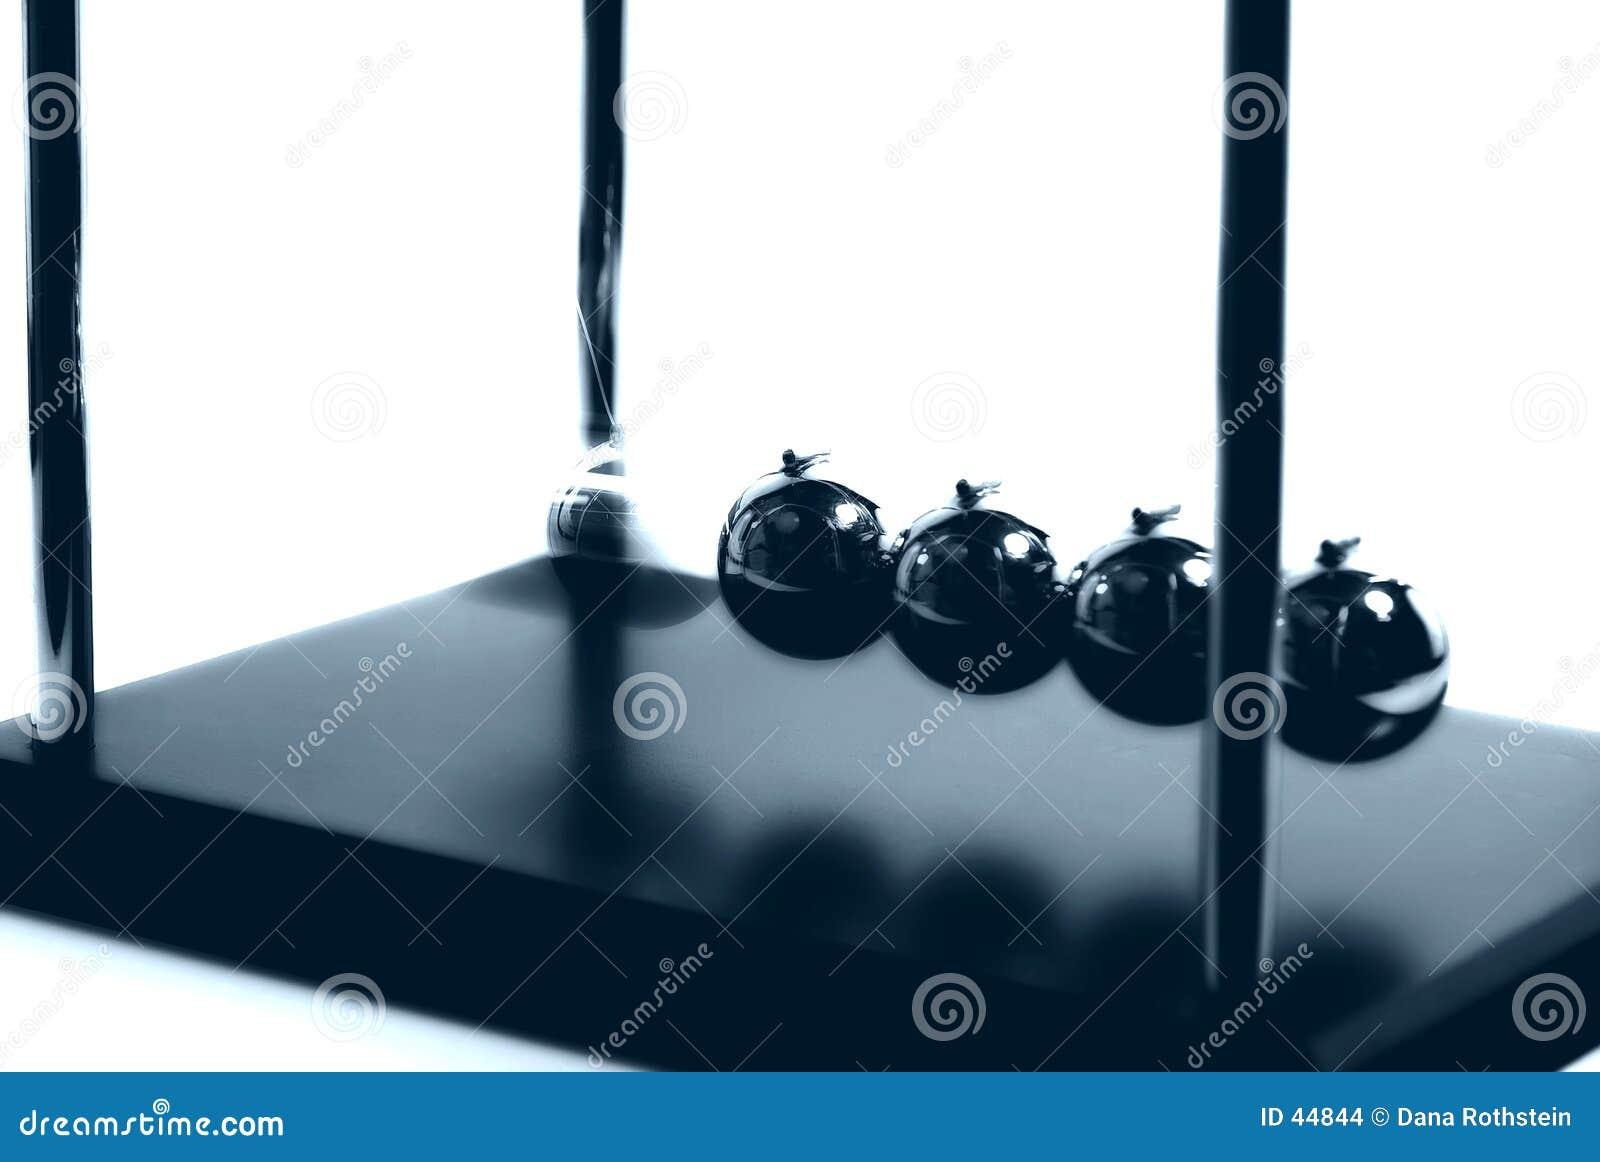 Download Bolas de los neutonios foto de archivo. Imagen de escritorio - 44844